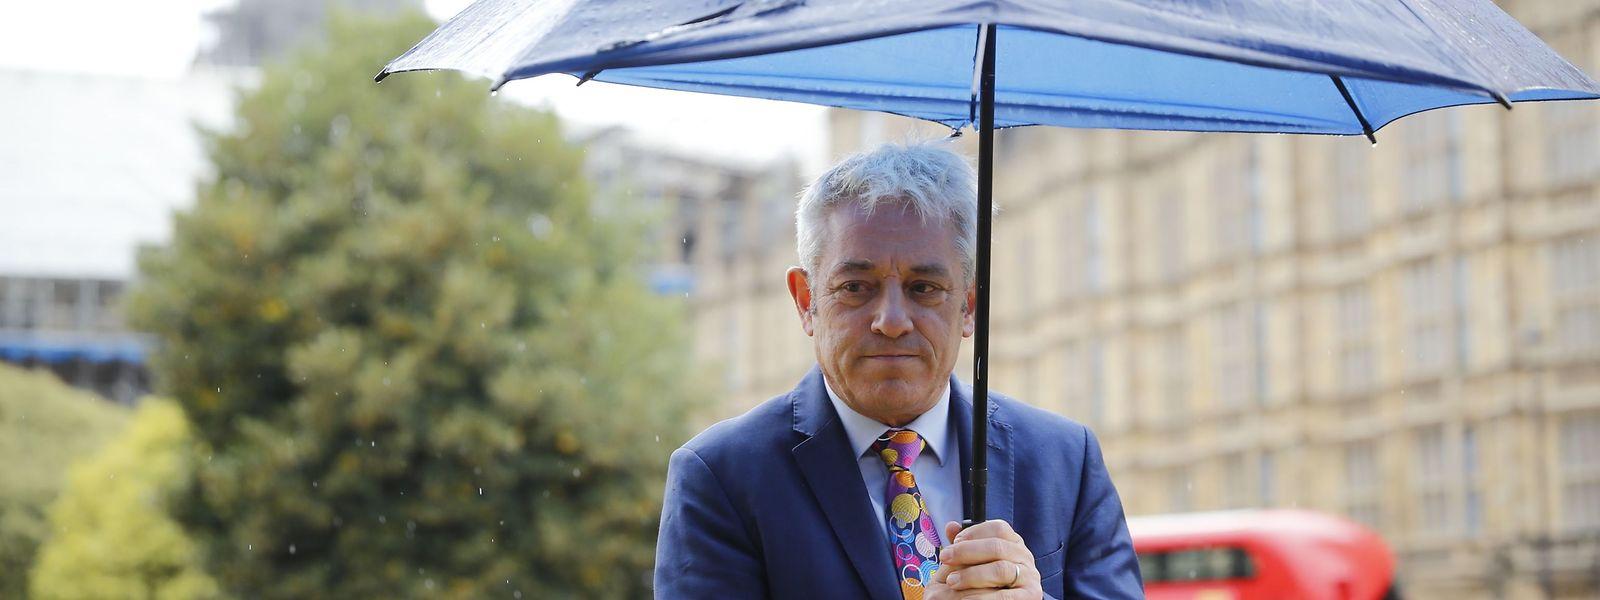 Parlamentssprecher John Bercow trifft zu einer Pressekonferenz in Westminster ein.